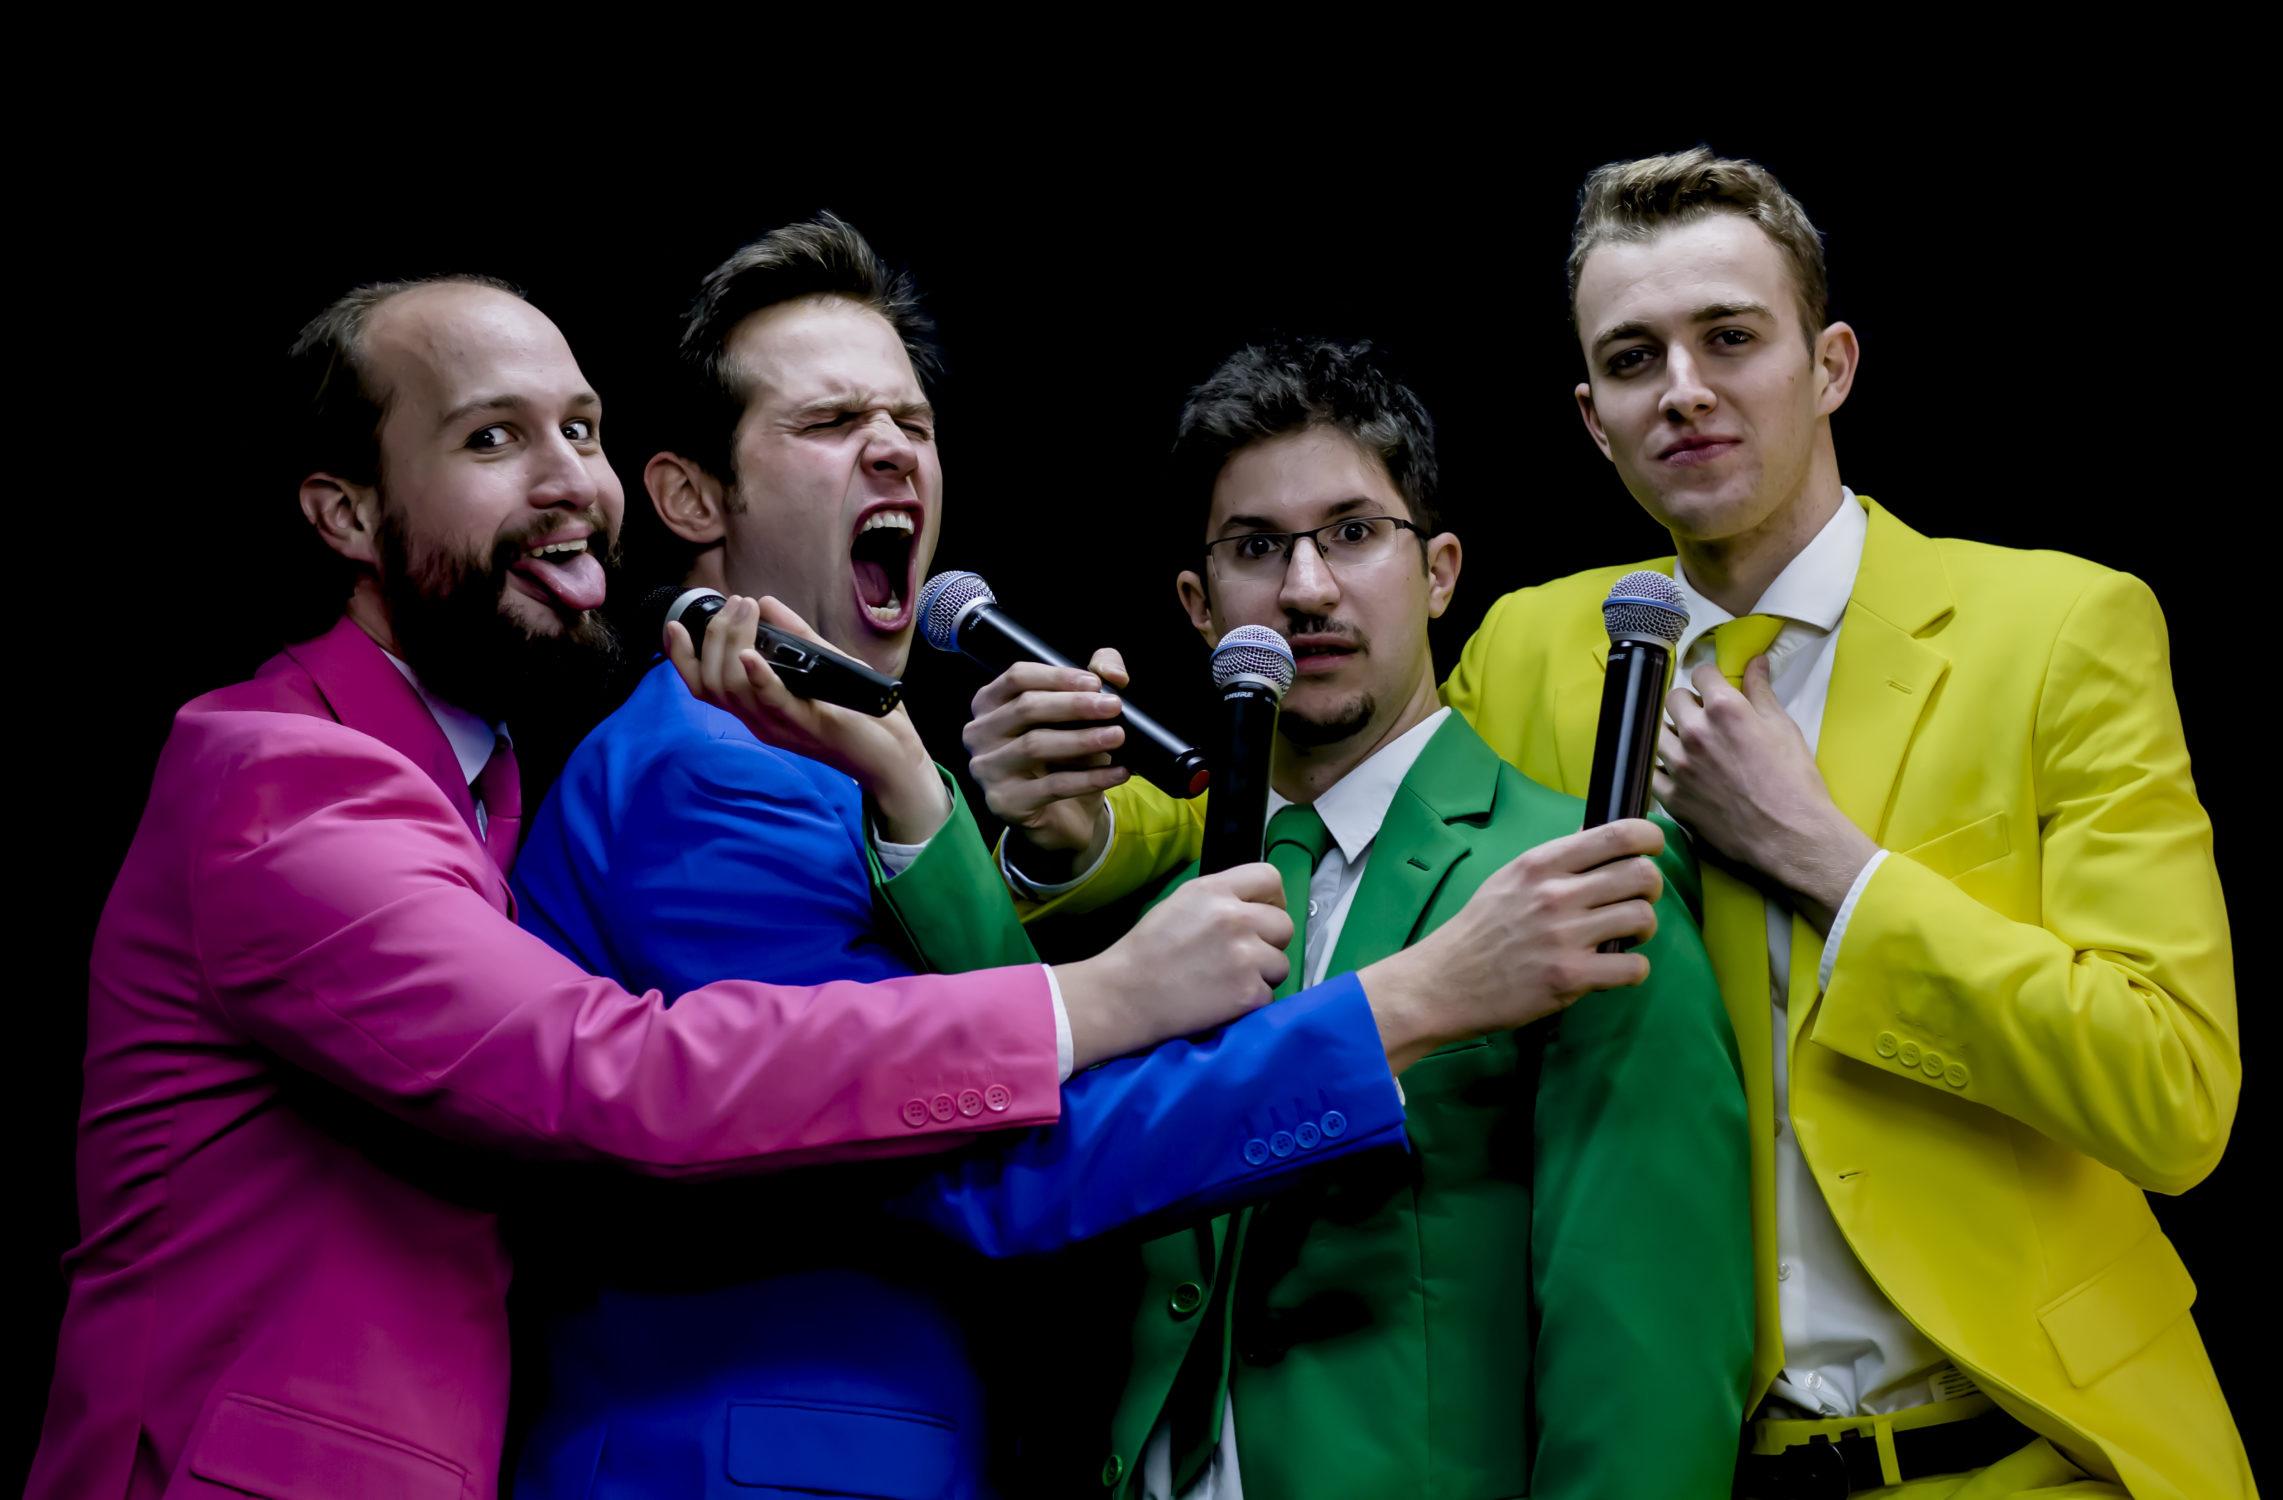 Österreich a cappella Das wird superdas wird super - a cappella band